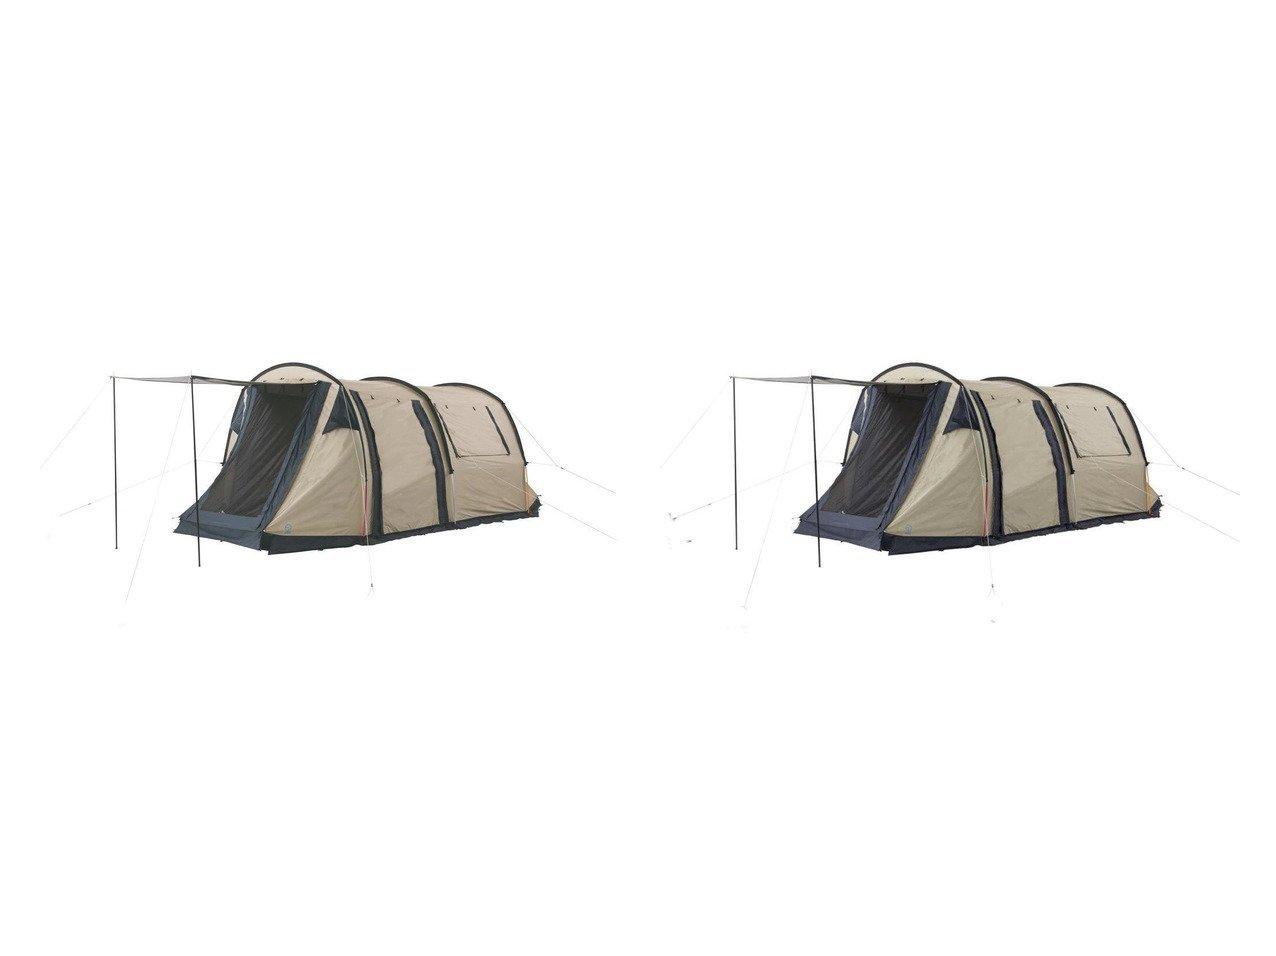 【Whole Earth/ホールアース】の(対象外地域有)ファミリーテント 2ルーム テント 2~3人用 EARTH HALF KUCHEN WE23DA11 SBEG&ファミリーテント 2ルーム テント 2~3人用 EARTH HALF KUCHEN WE23DA11 SBEG おすすめ!人気キャンプ・アウトドア用品の通販 おすすめで人気の流行・トレンド、ファッションの通販商品 メンズファッション・キッズファッション・インテリア・家具・レディースファッション・服の通販 founy(ファニー) https://founy.com/ インナー 春 Spring コーティング シルバー S/S・春夏 SS・Spring/Summer コンパクト フレーム 送料無料 Free Shipping ホーム・キャンプ・アウトドア Home,Garden,Outdoor,Camping Gear キャンプ用品・アウトドア  Camping Gear & Outdoor Supplies テント タープ Tents, Tarp |ID:crp329100000034776